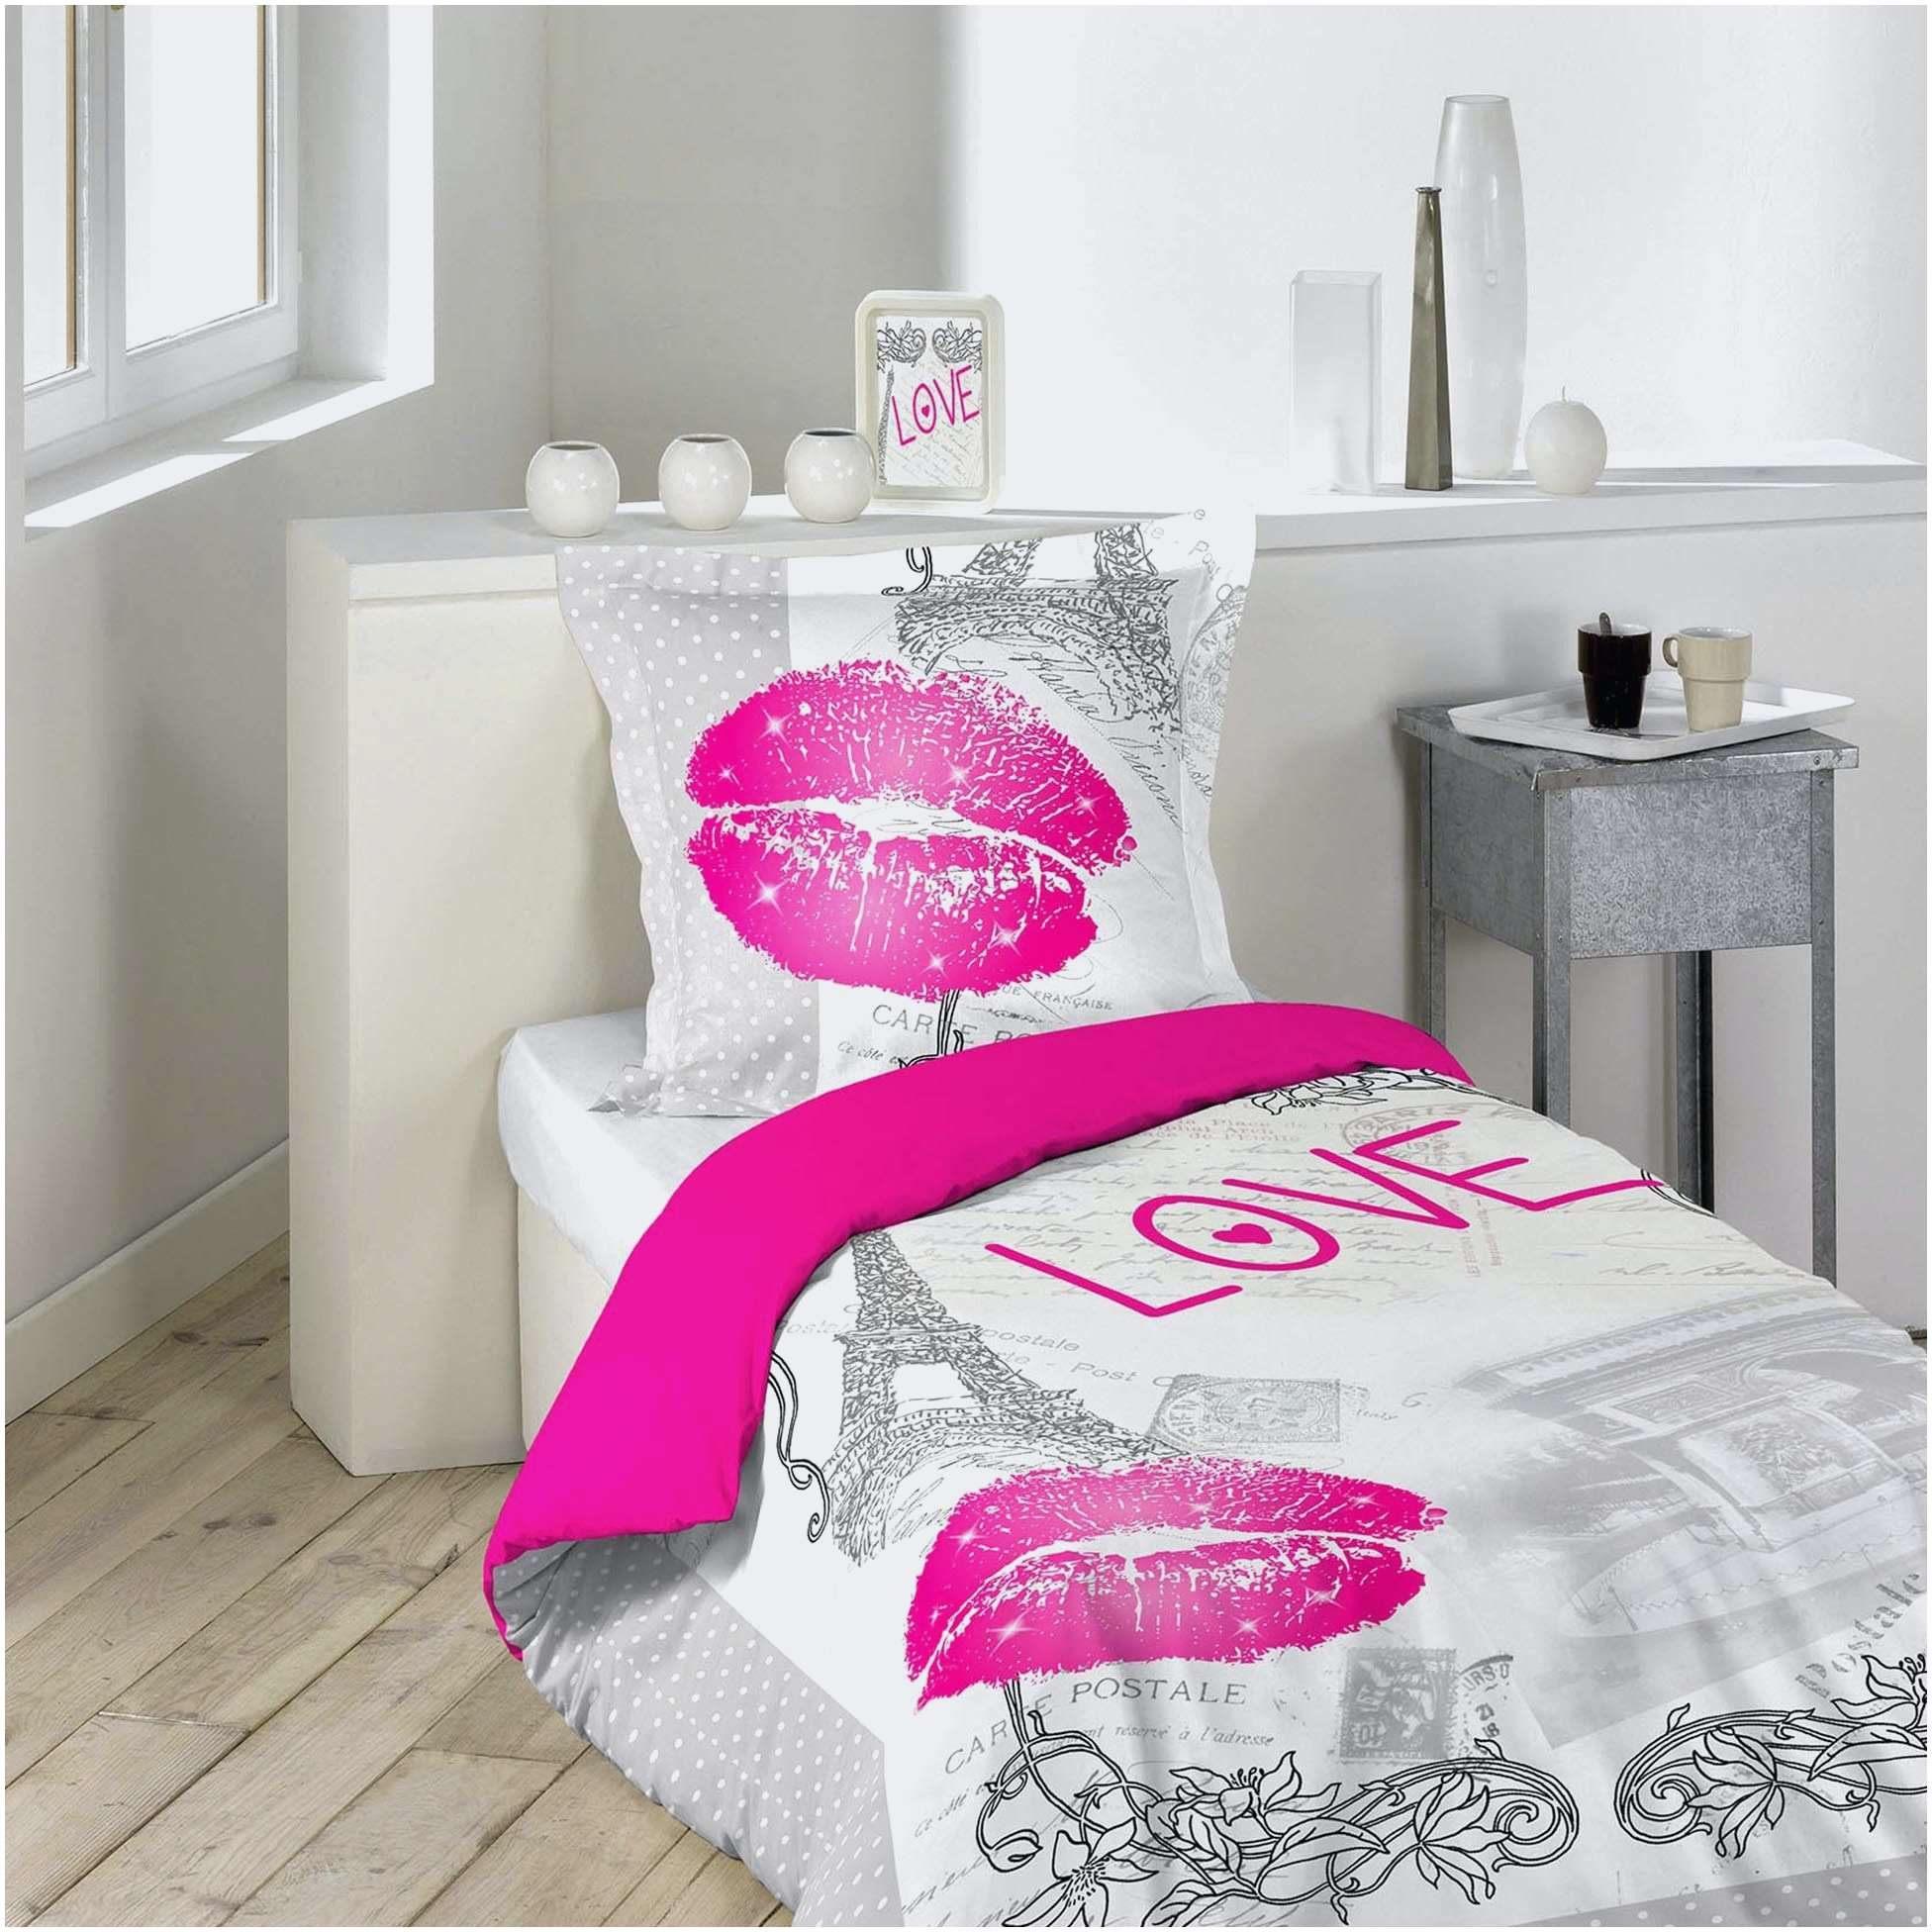 Parure De Lit Princesse Magnifique Nouveau Linge De Lit Luxe Maison Design Apsip Pour Choix Destockage